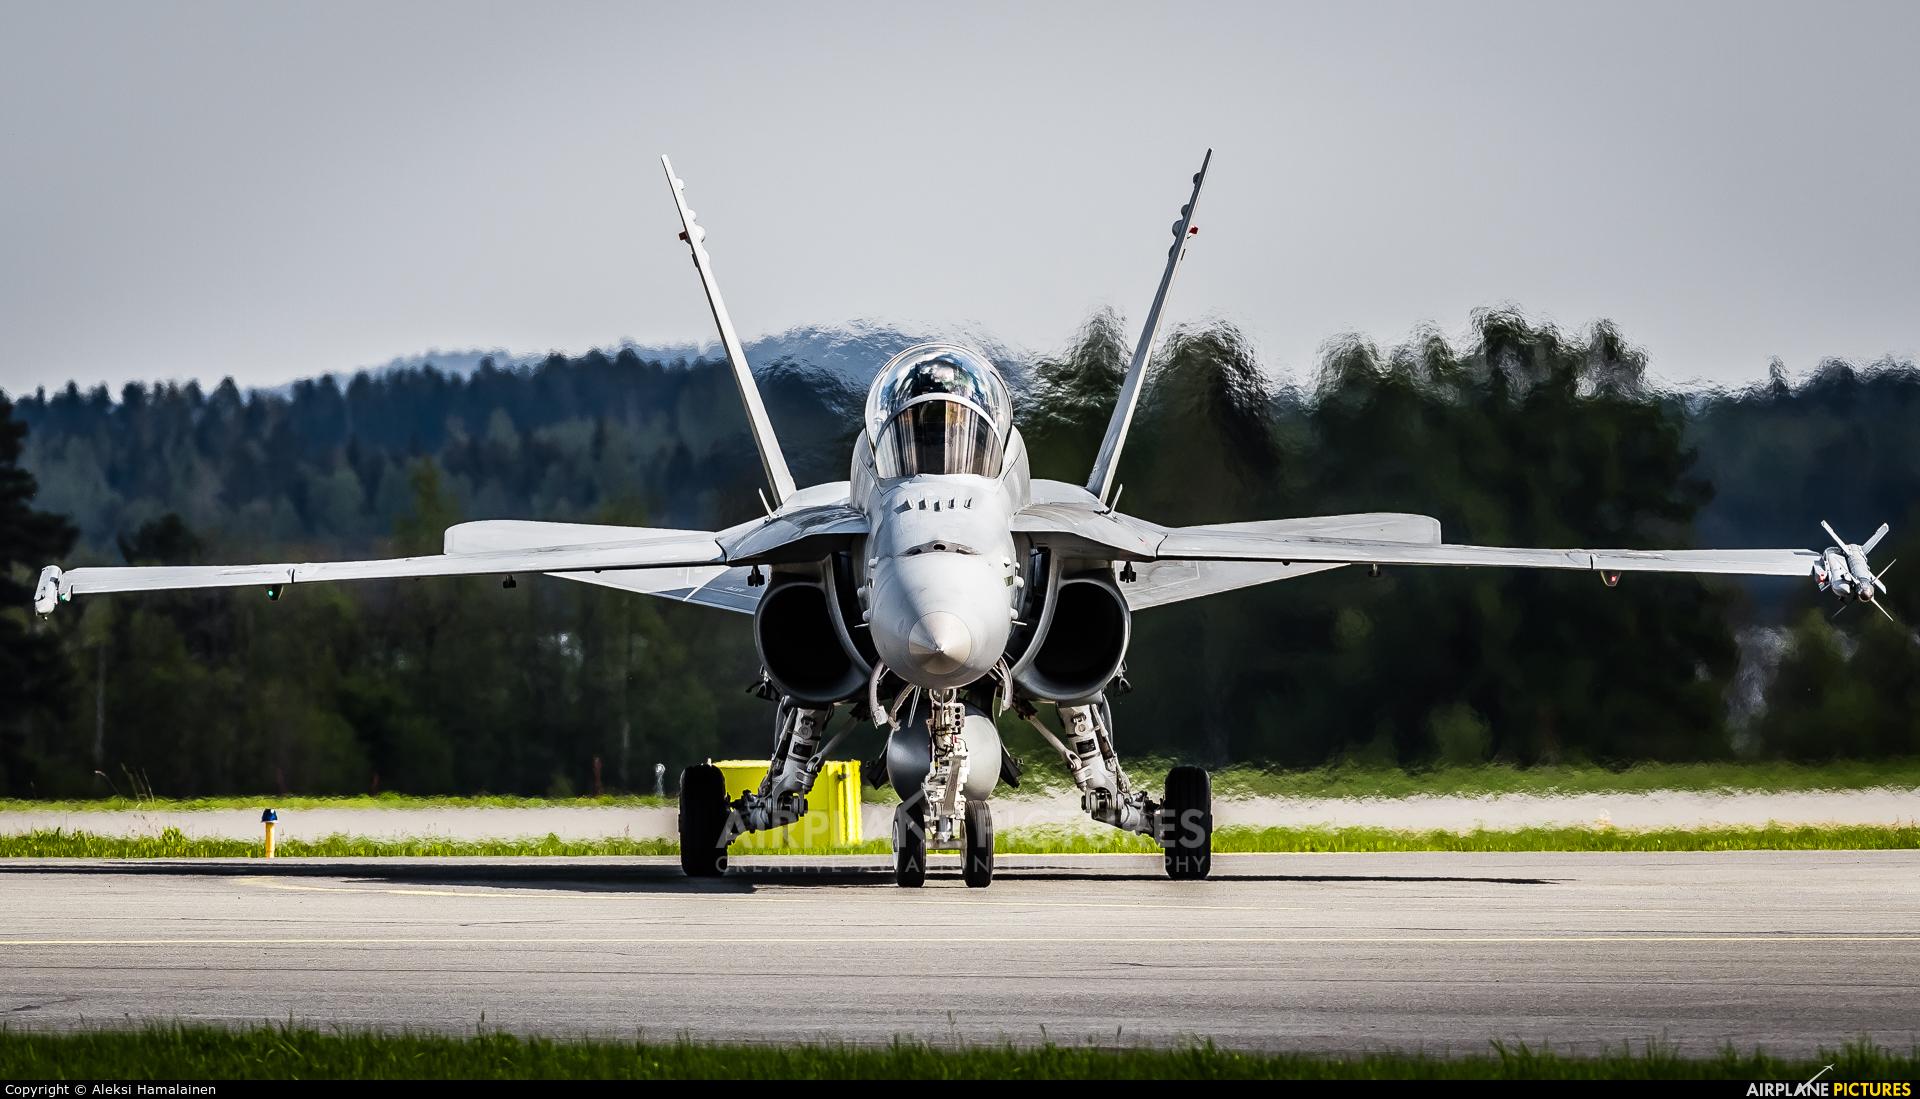 Finland - Air Force HN-467 aircraft at Kuopio Rissala